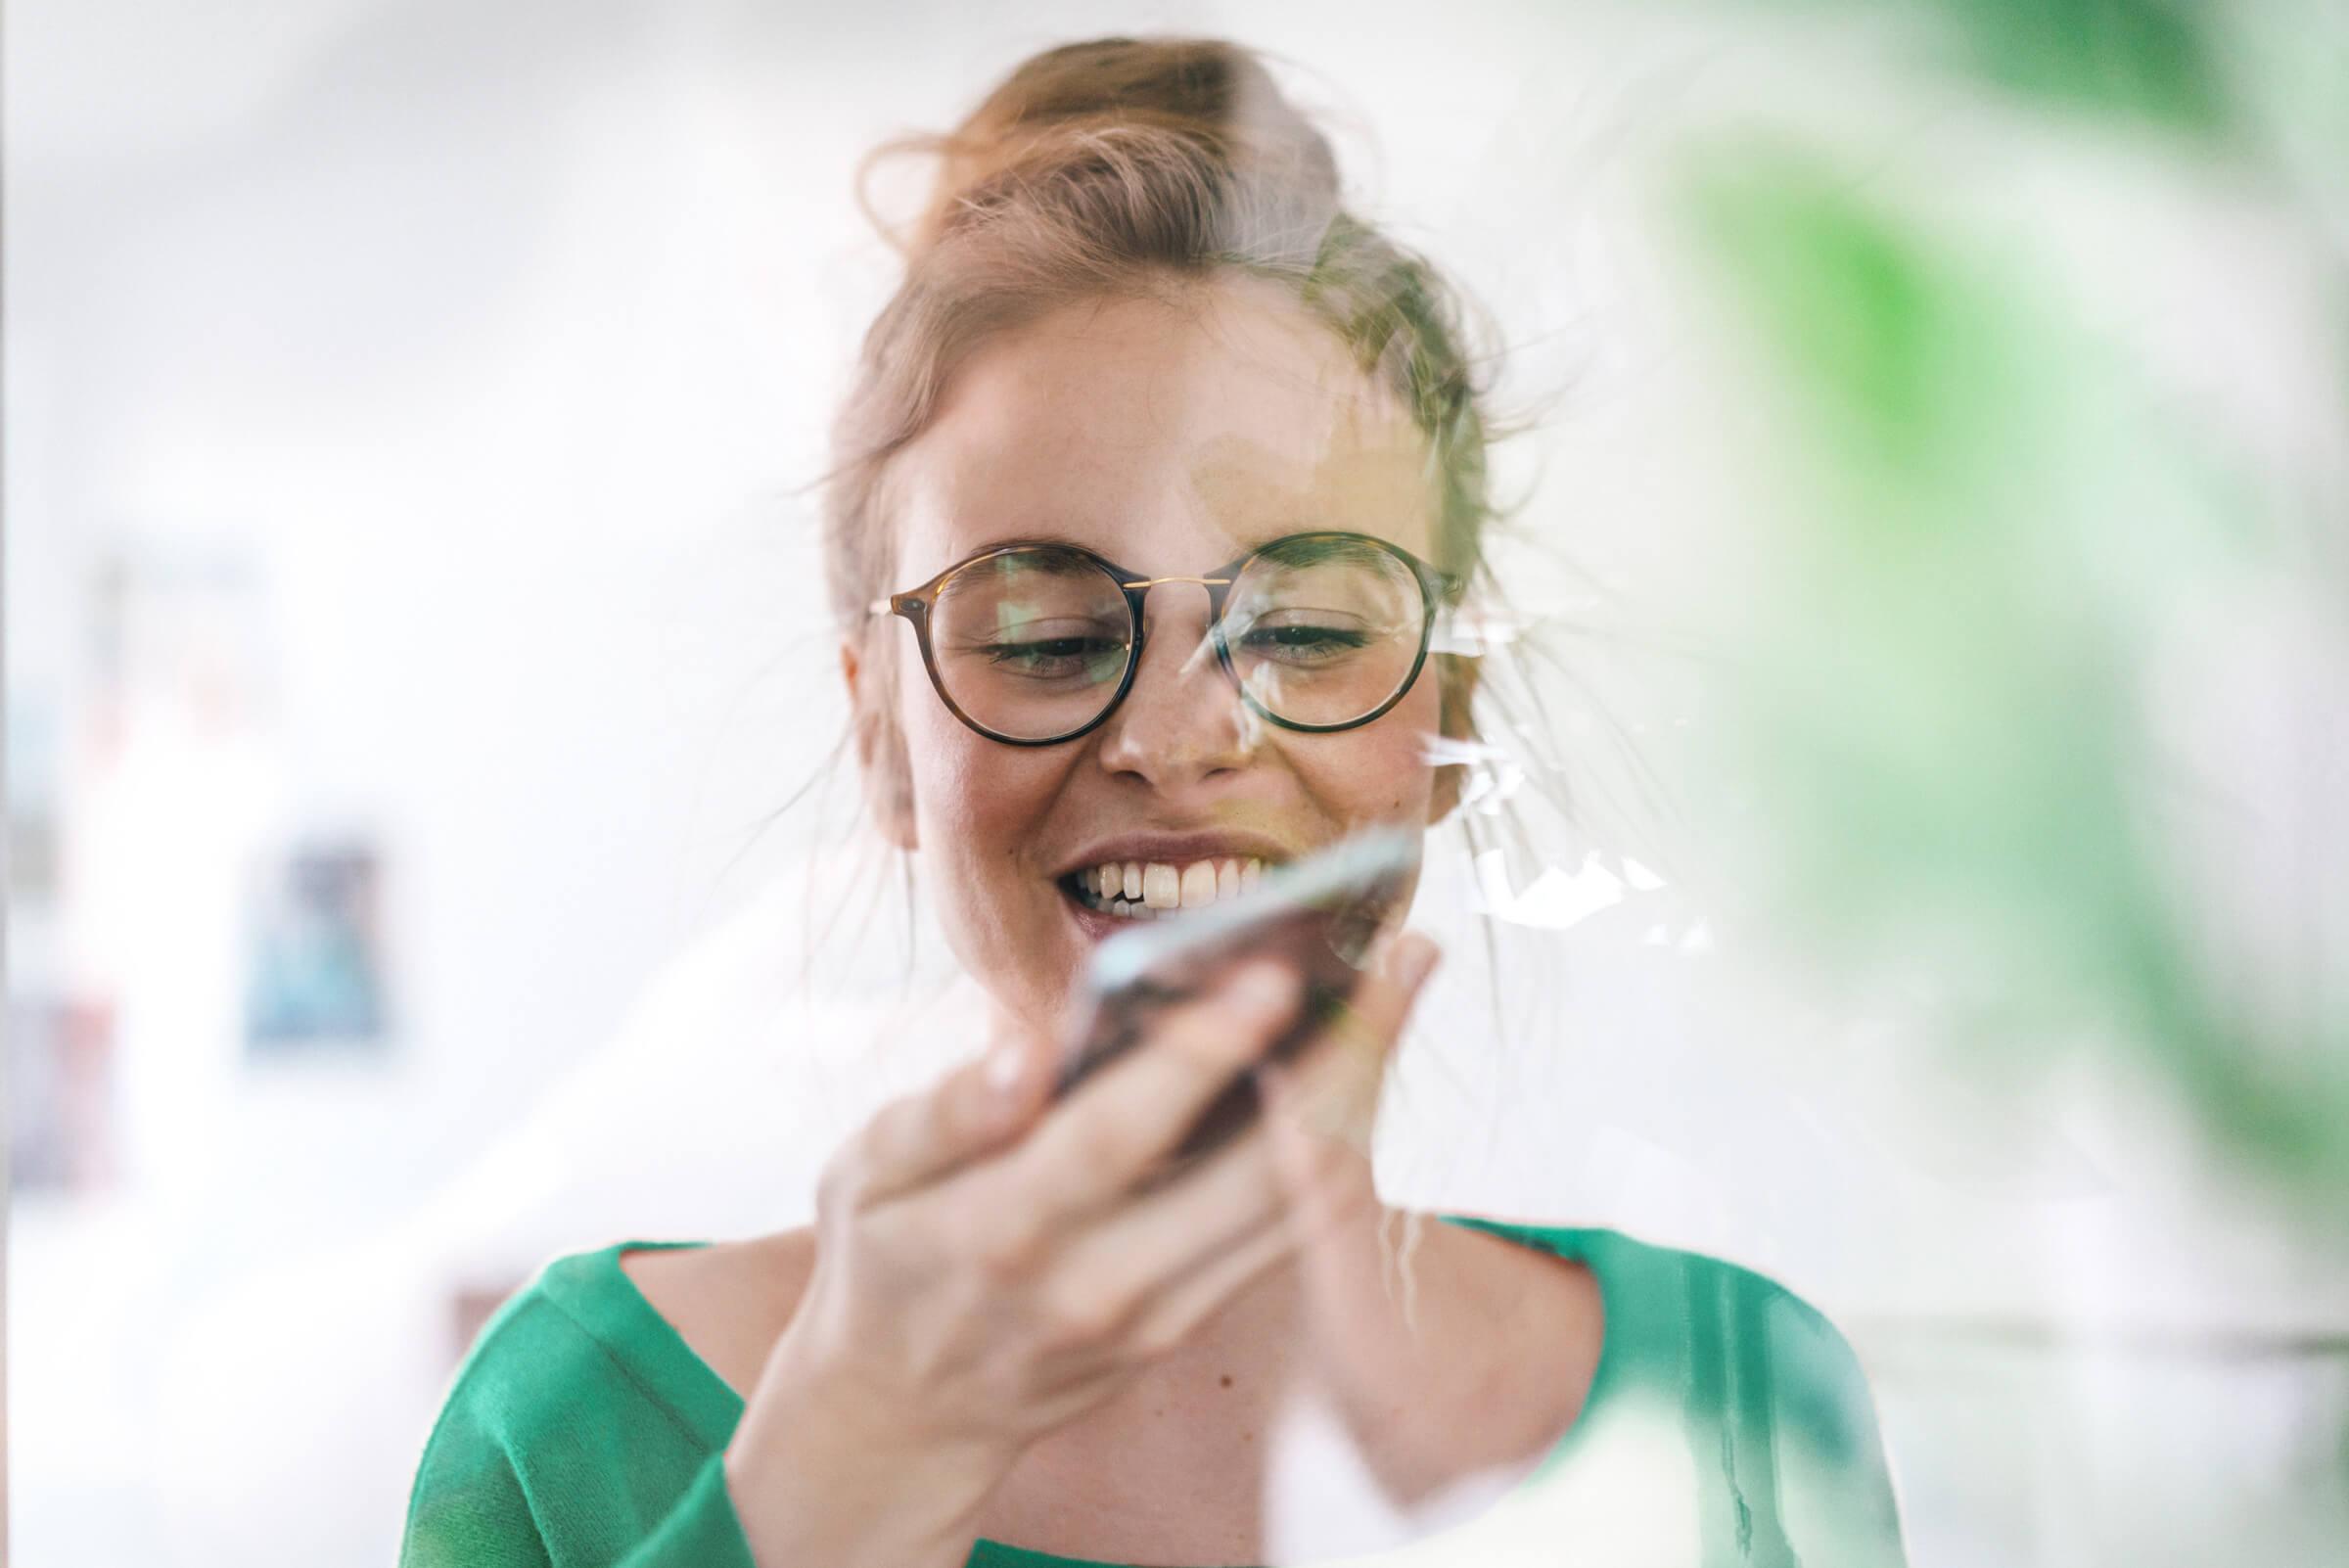 Úspěšná investorka a klientka LYNX kontroluje své obchodní portfolio na mobilním zařízení